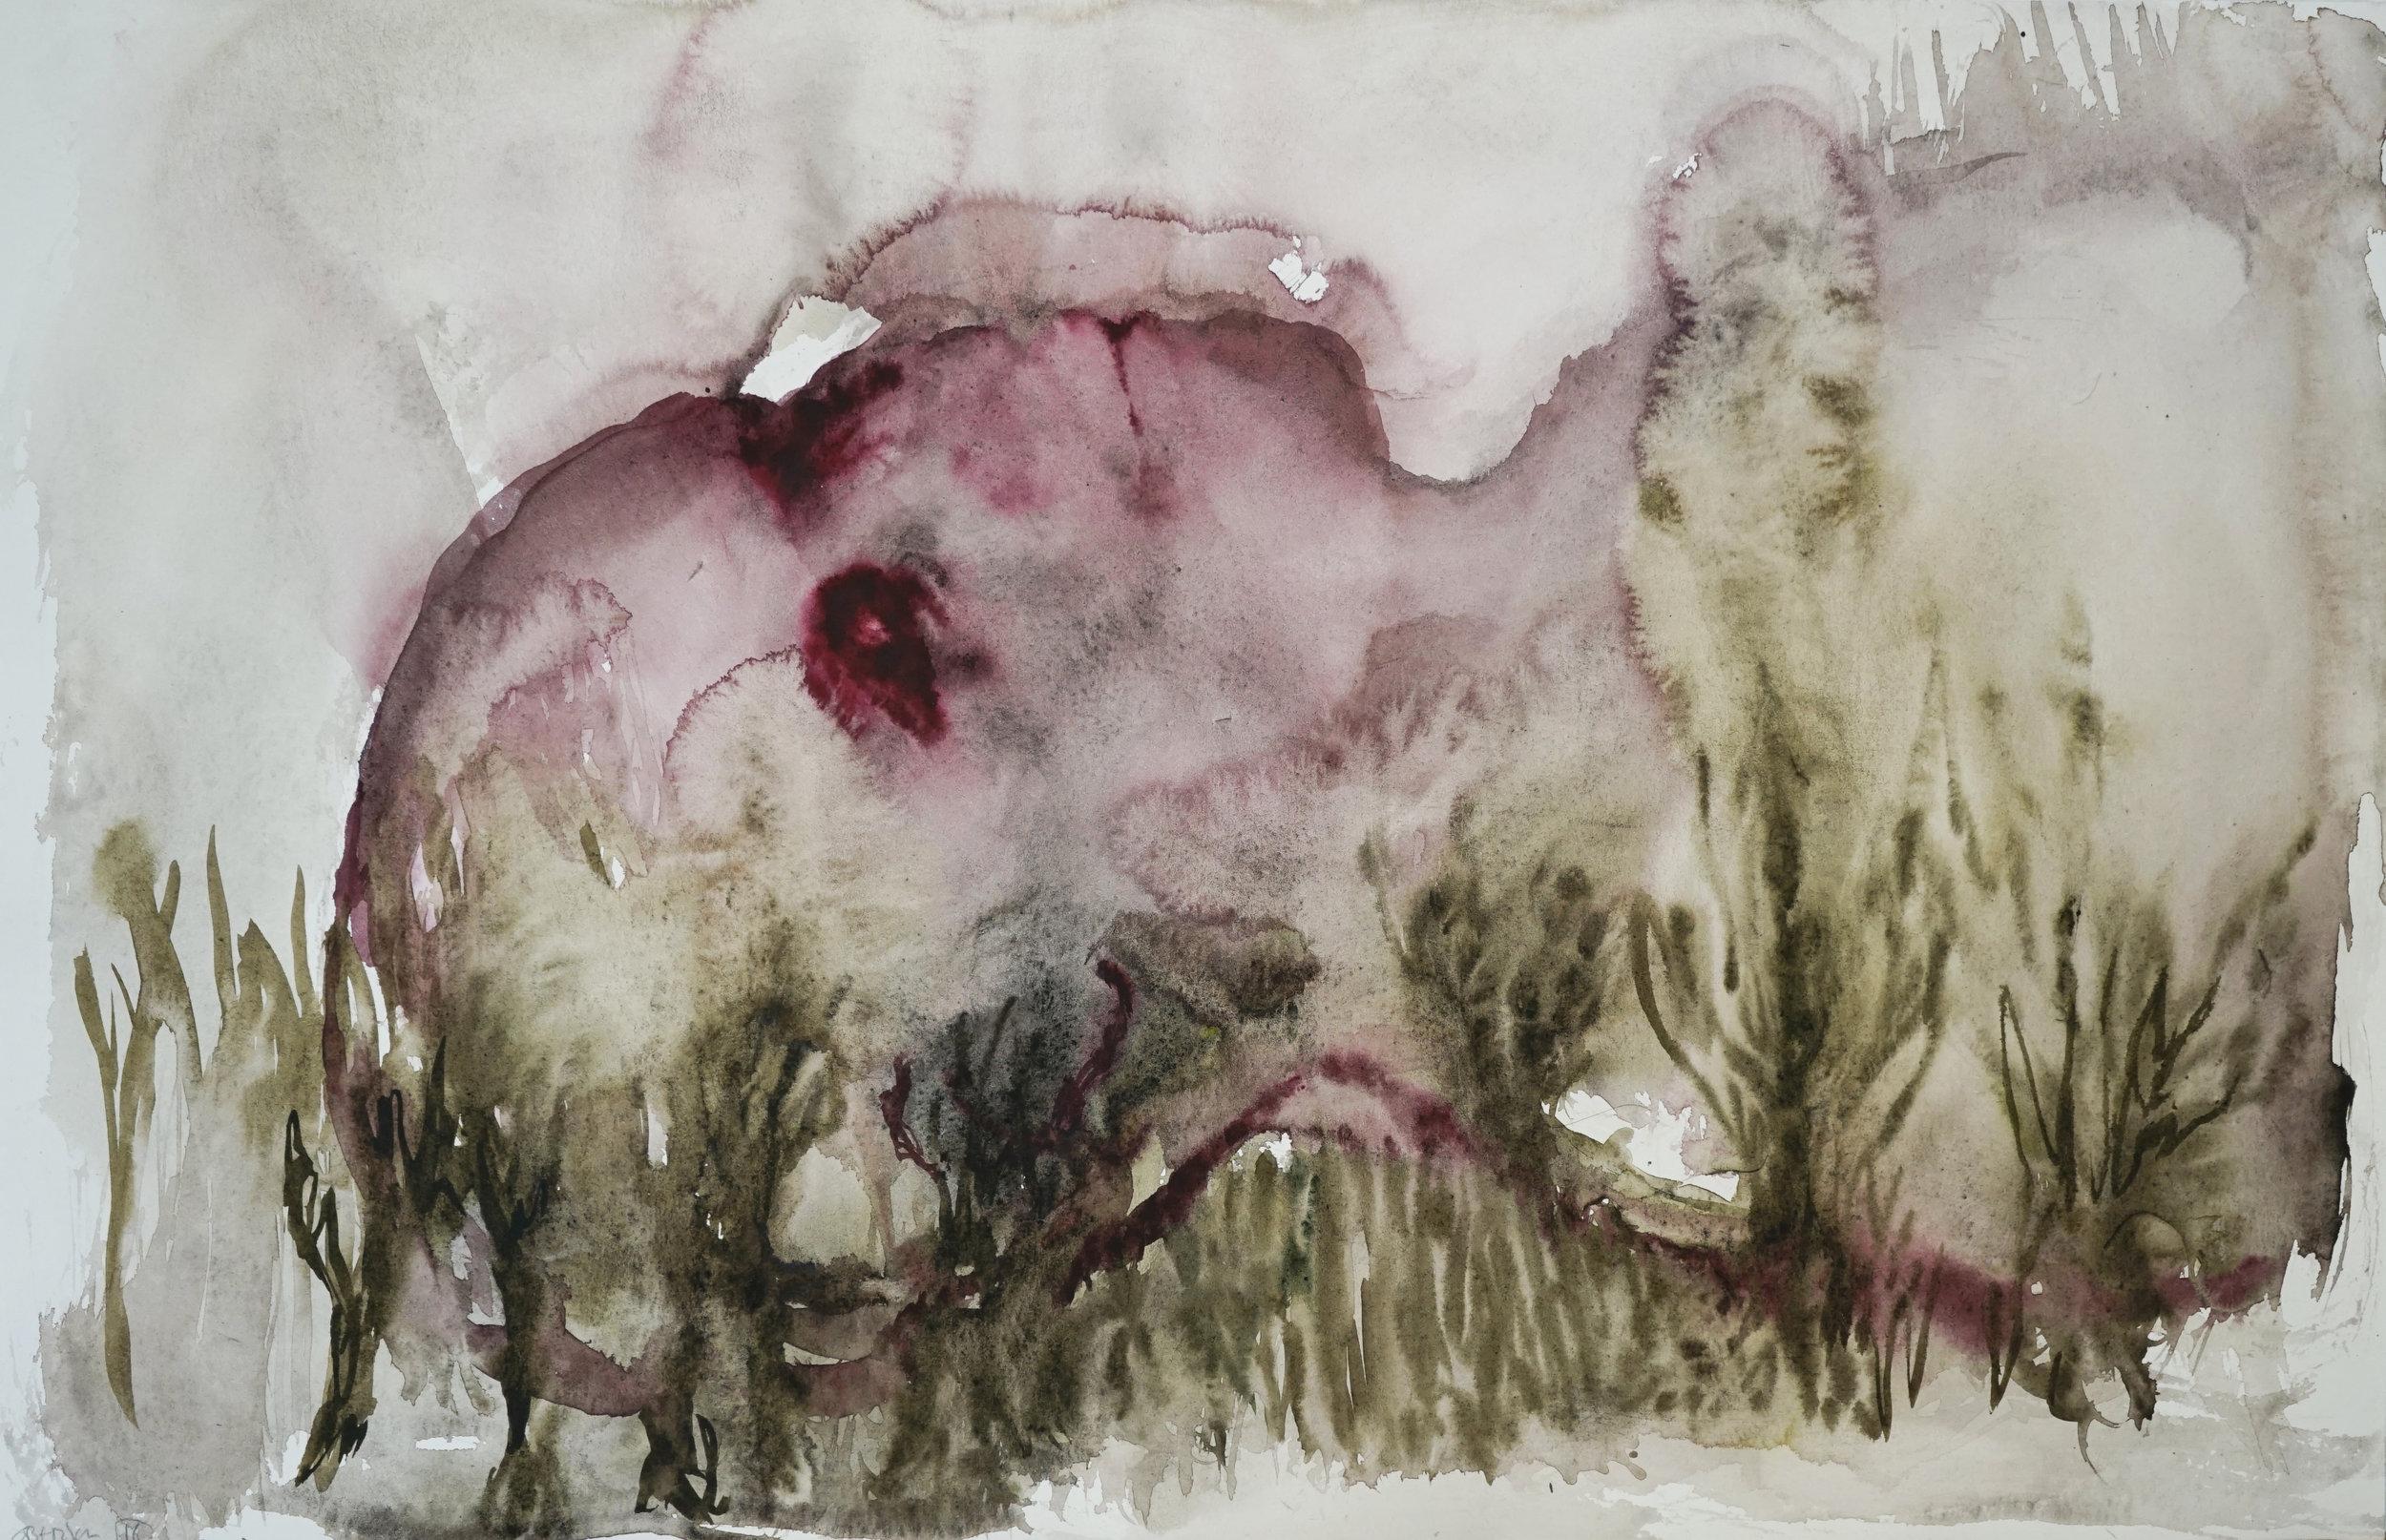 """Guy Oberson, """"Dashed Hopes 1"""", aquarelle sur papier bambou, 36 x 56 cm, 2016"""